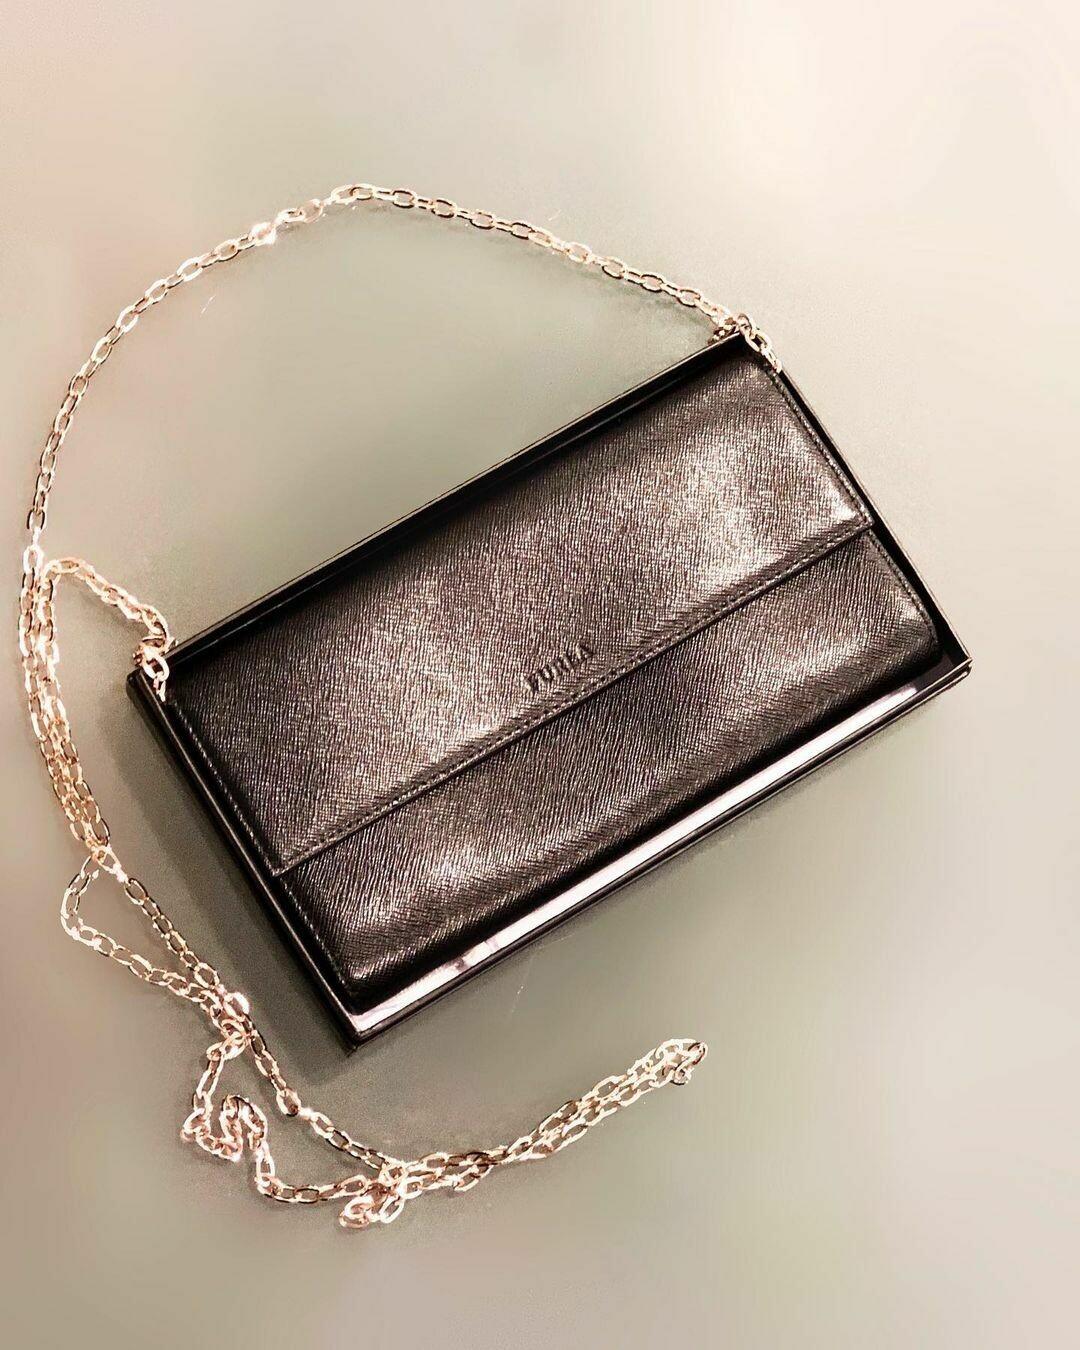 Новый кошелёк-клатч от Furla